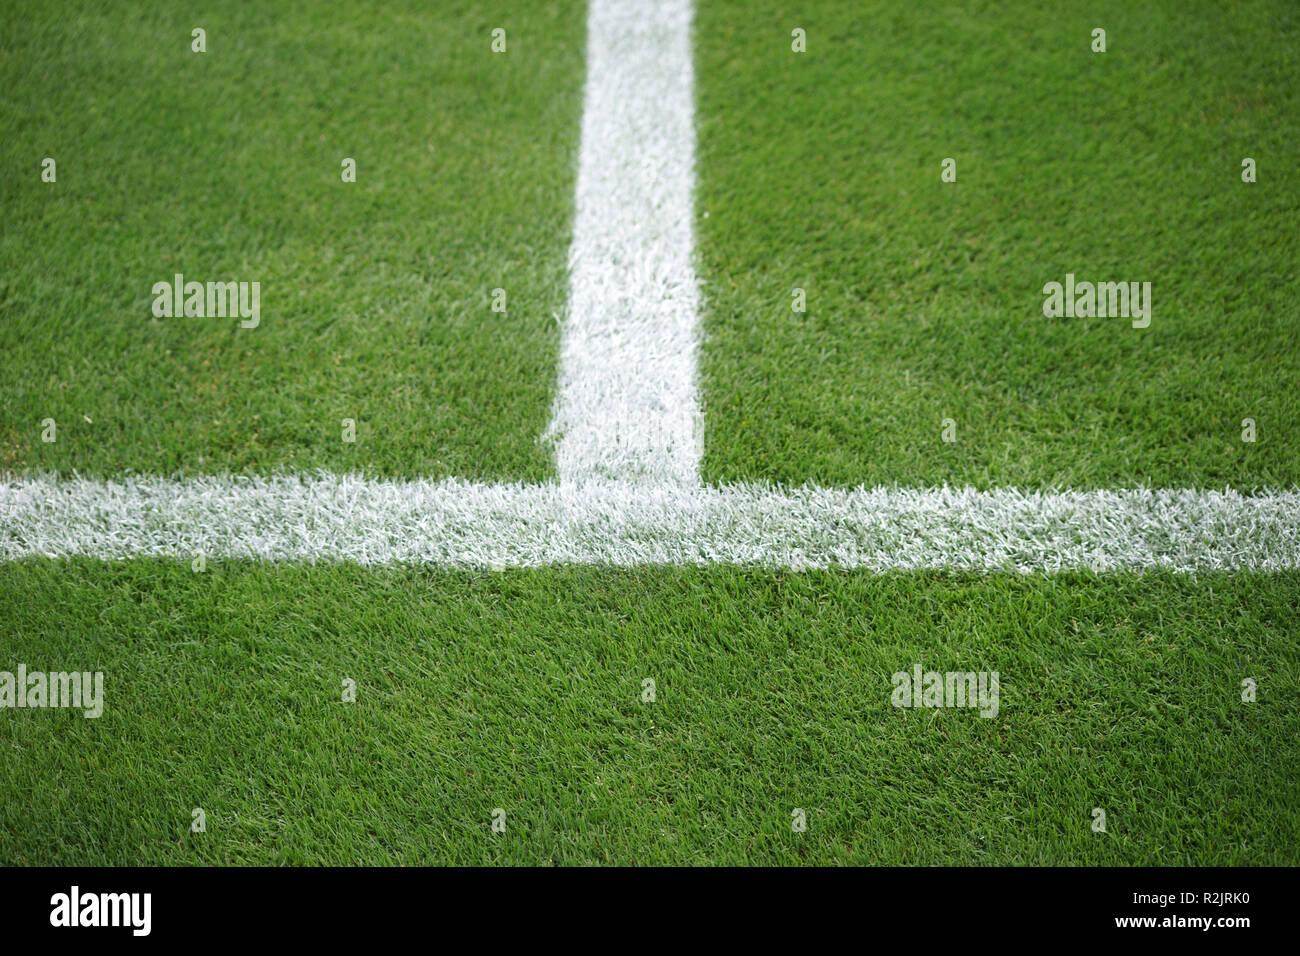 Domaine de l'herbe verte d'un terrain de soccer avec la ligne de touche et la ligne de transition, Photo Stock